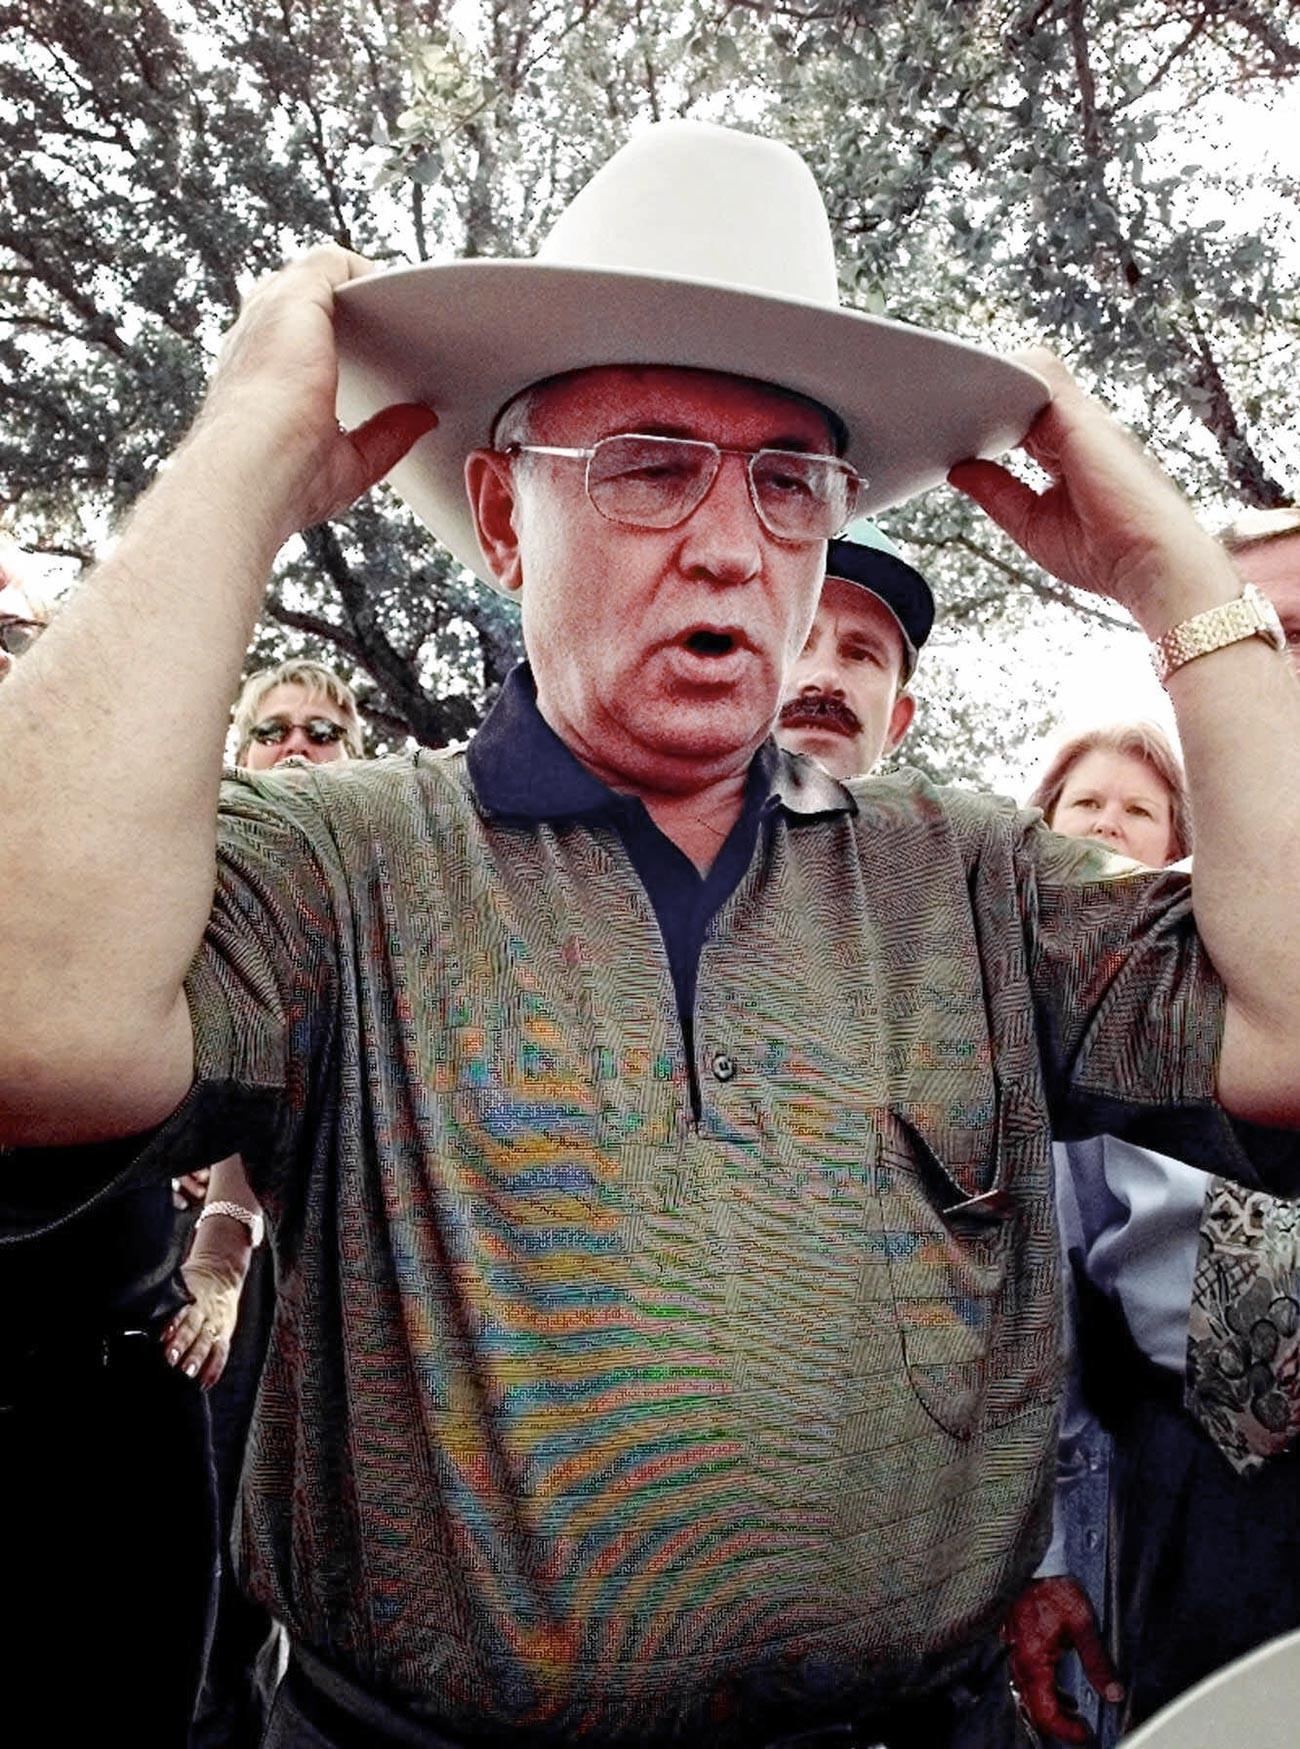 Бившият съветски президент Михаил Горбачов си слага каубойска шапка наобратно на панаир по време на посещение в Далас, Тексас, 13 октомври 1998 г., Горбачов идва в Далас, за да изнесе лекция в Южния методистки университет и по този повод му е подарена шапка.